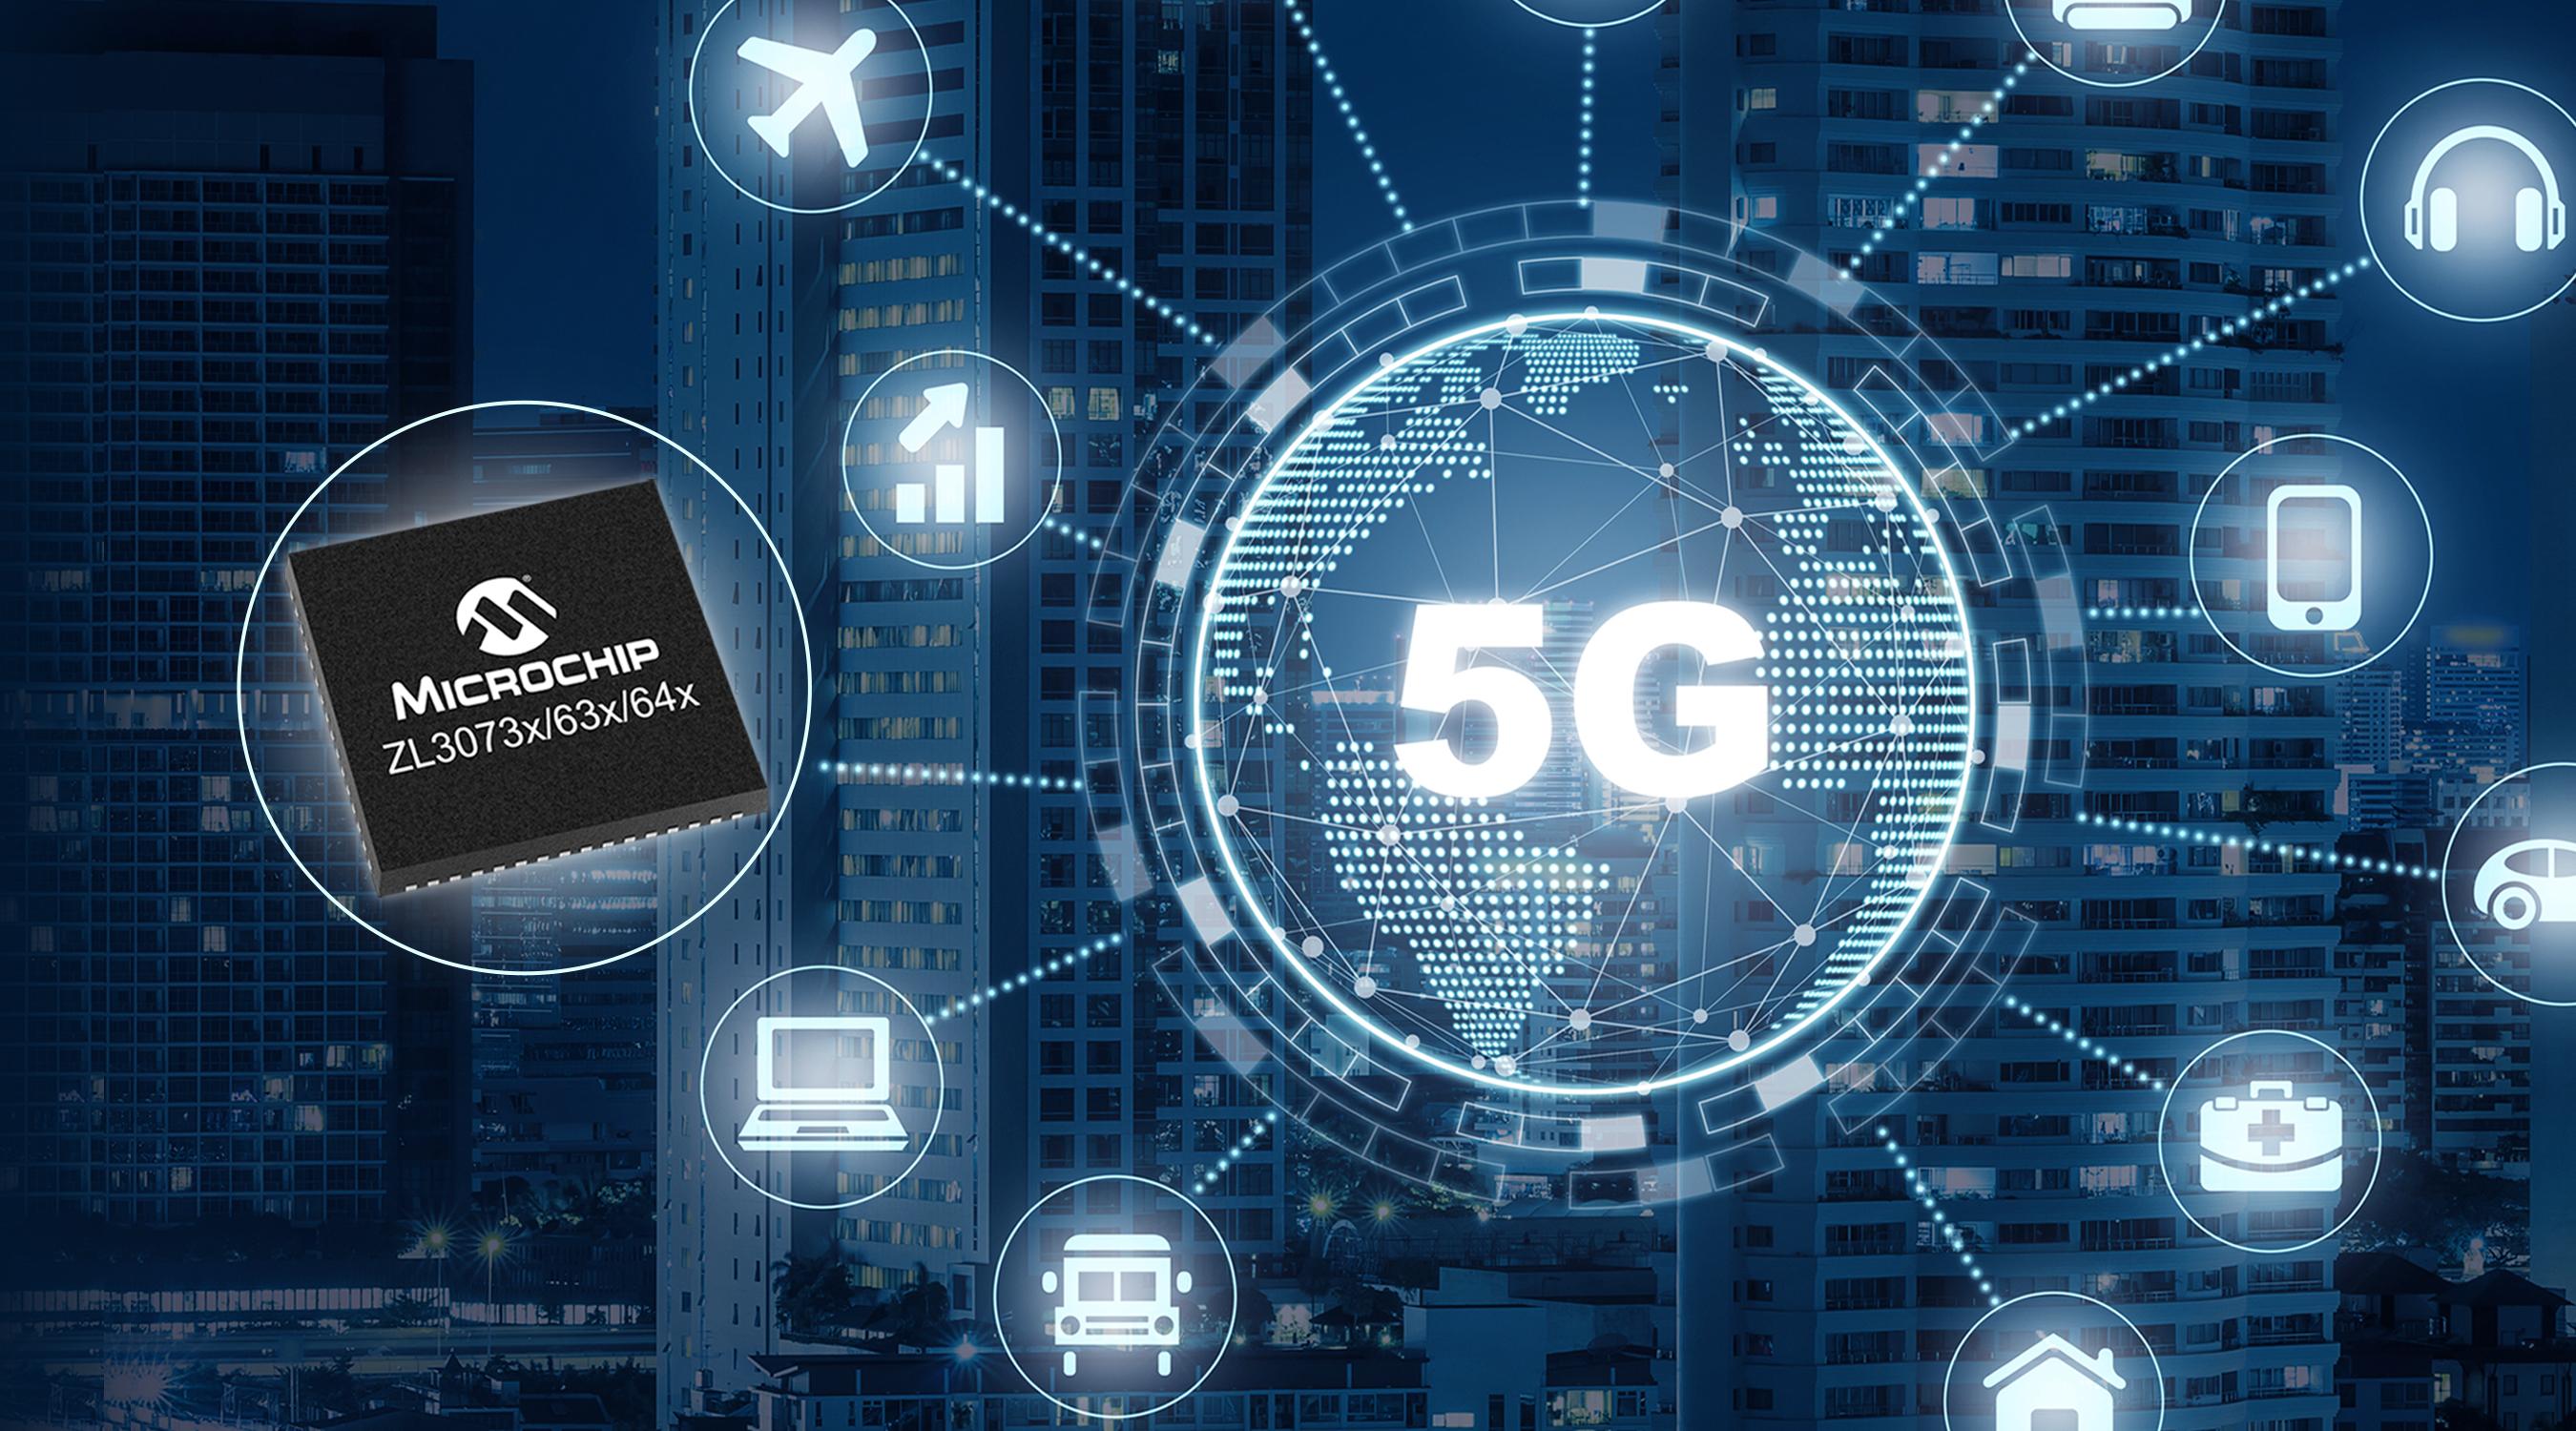 Microchip推出首款单芯片网络同步解决方案,为5G无线接入设备提供超精确授时